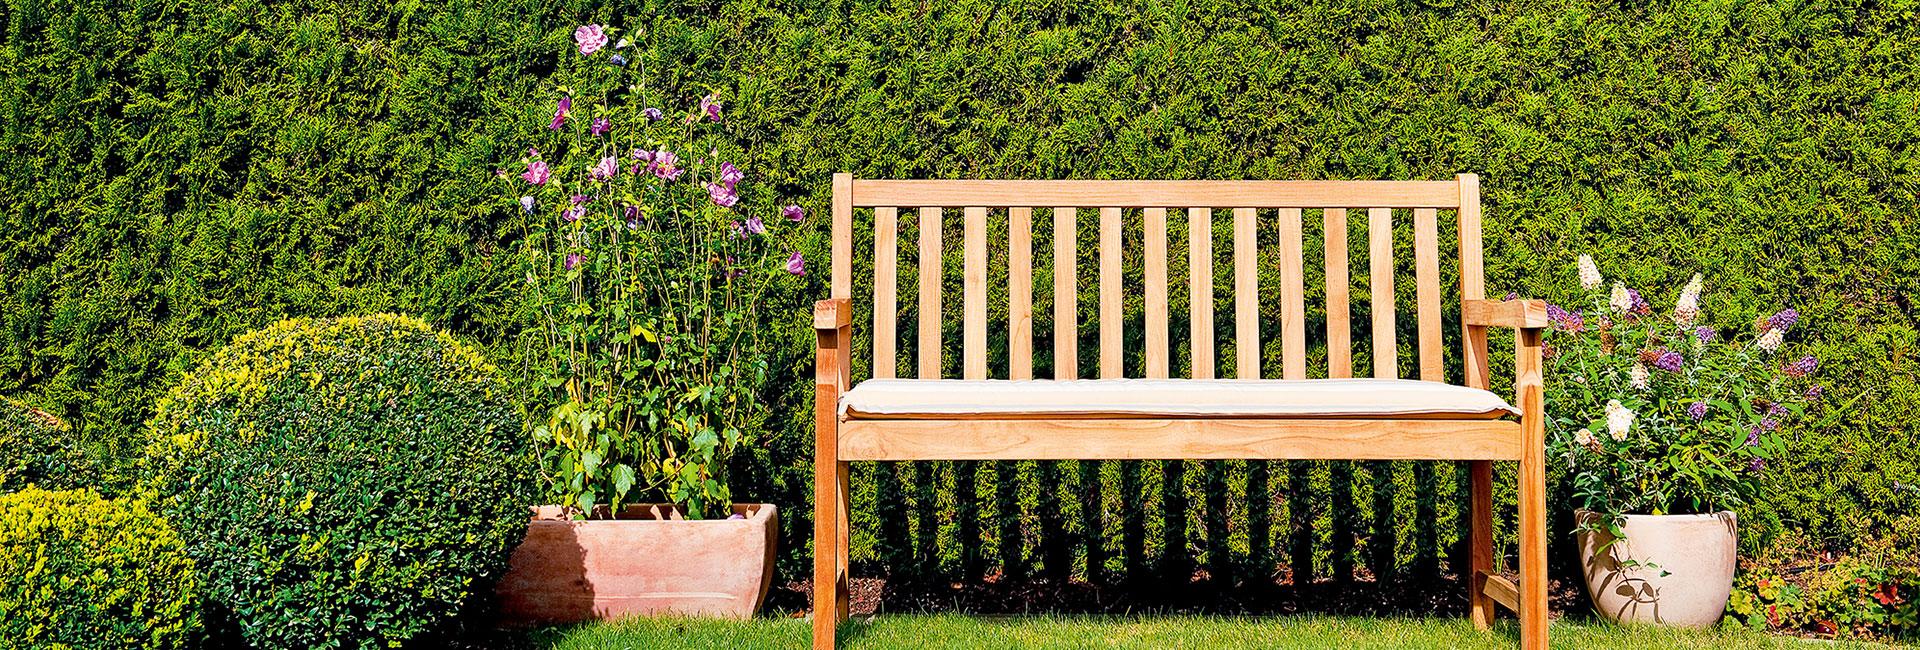 Gartenbanke Mit Ohne Lehne Finden Sie Bei Hoffner Online